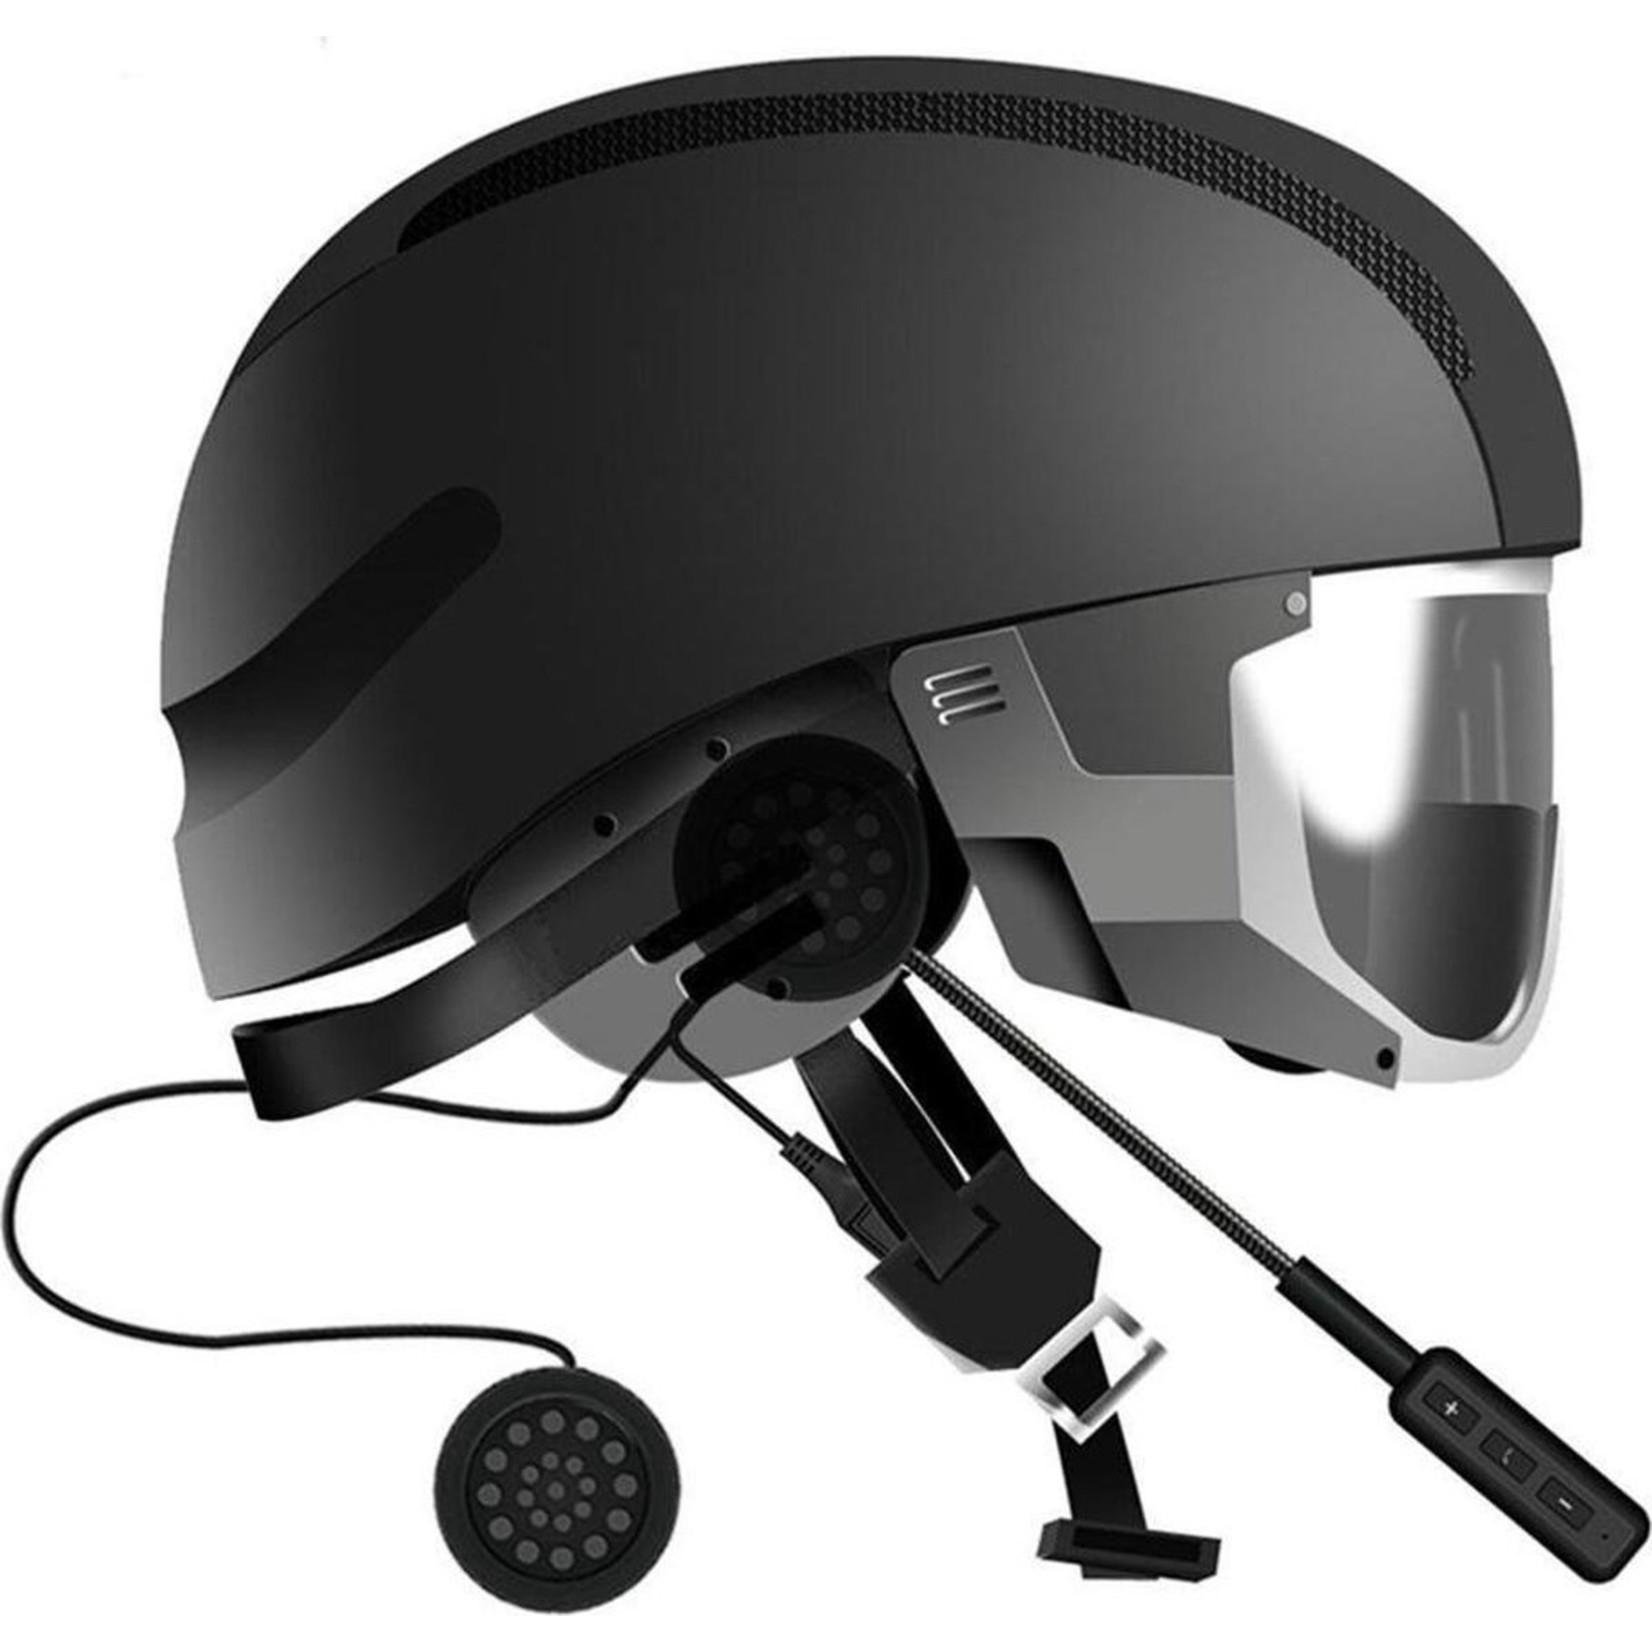 XEOD Headset met microfoon – Motorhelm headset – Motor accessoires – Handsfree bellen – Motor - Scooter